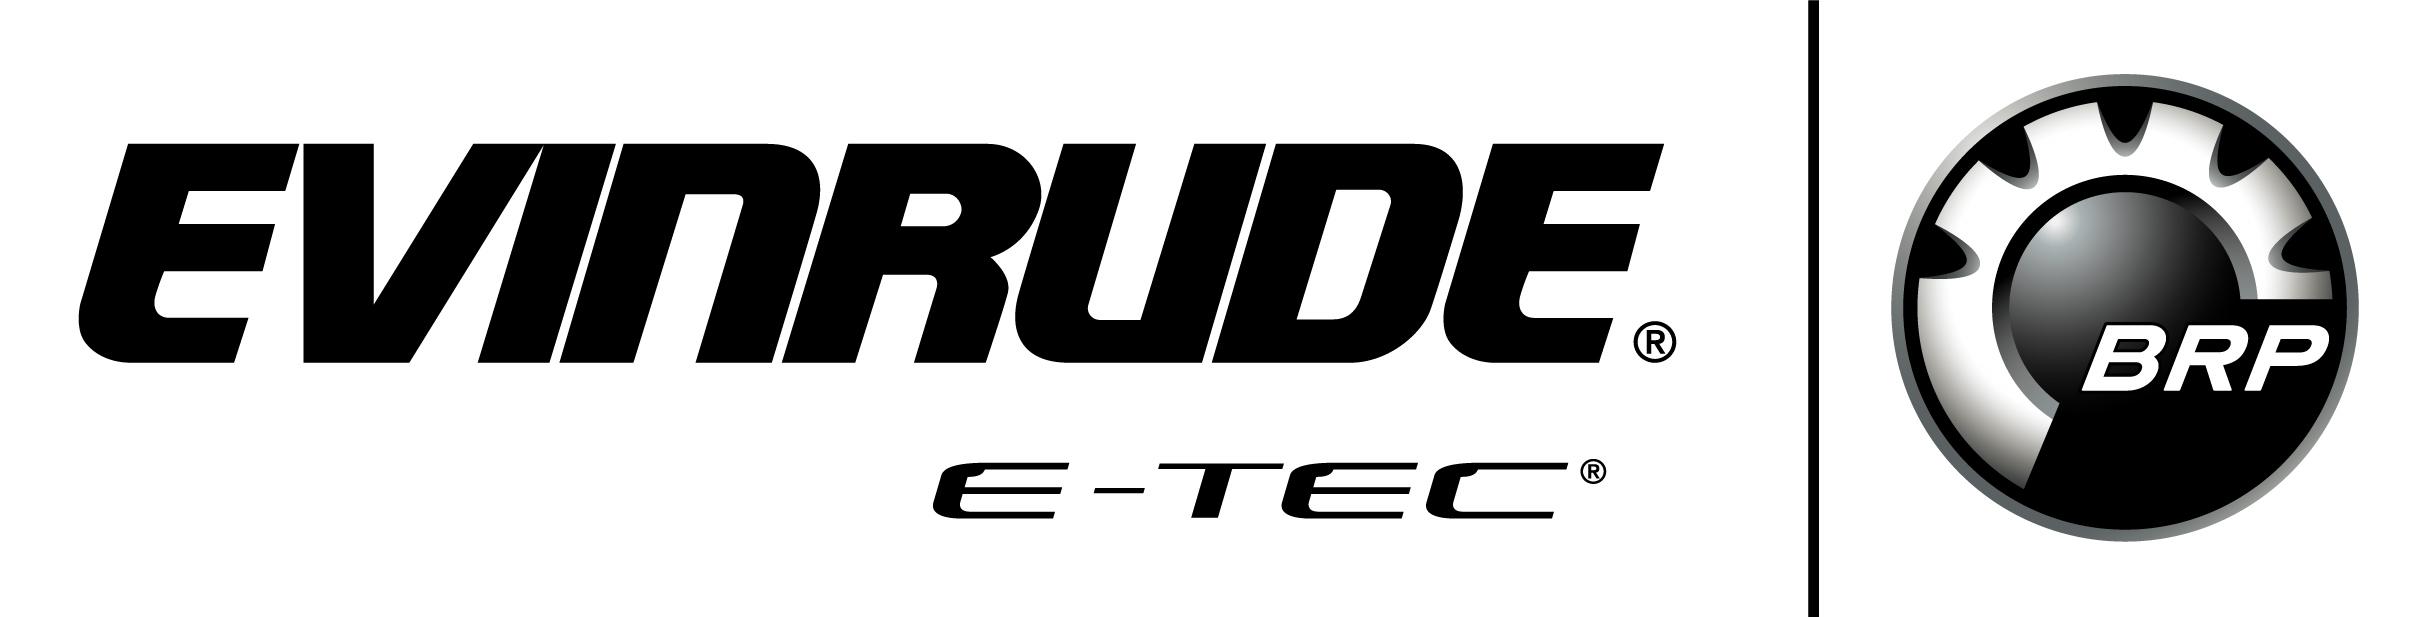 evin_brp_rule_w_logo_BL